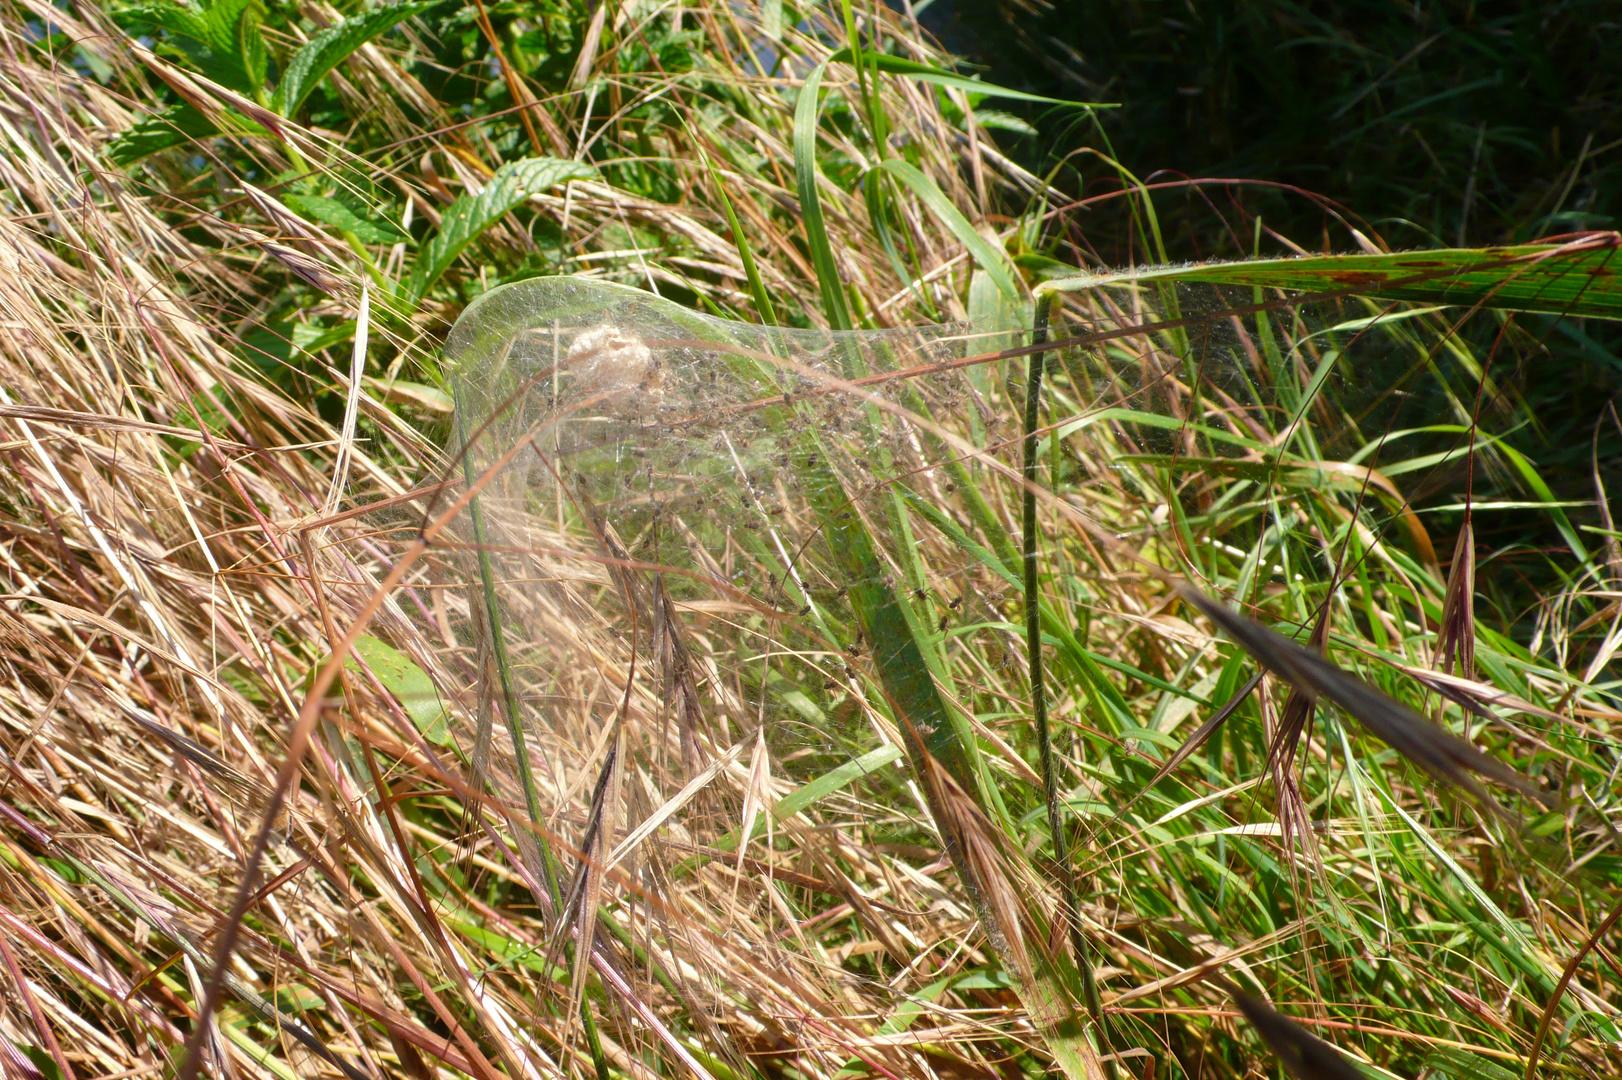 Suchbild: Spinnenkinder